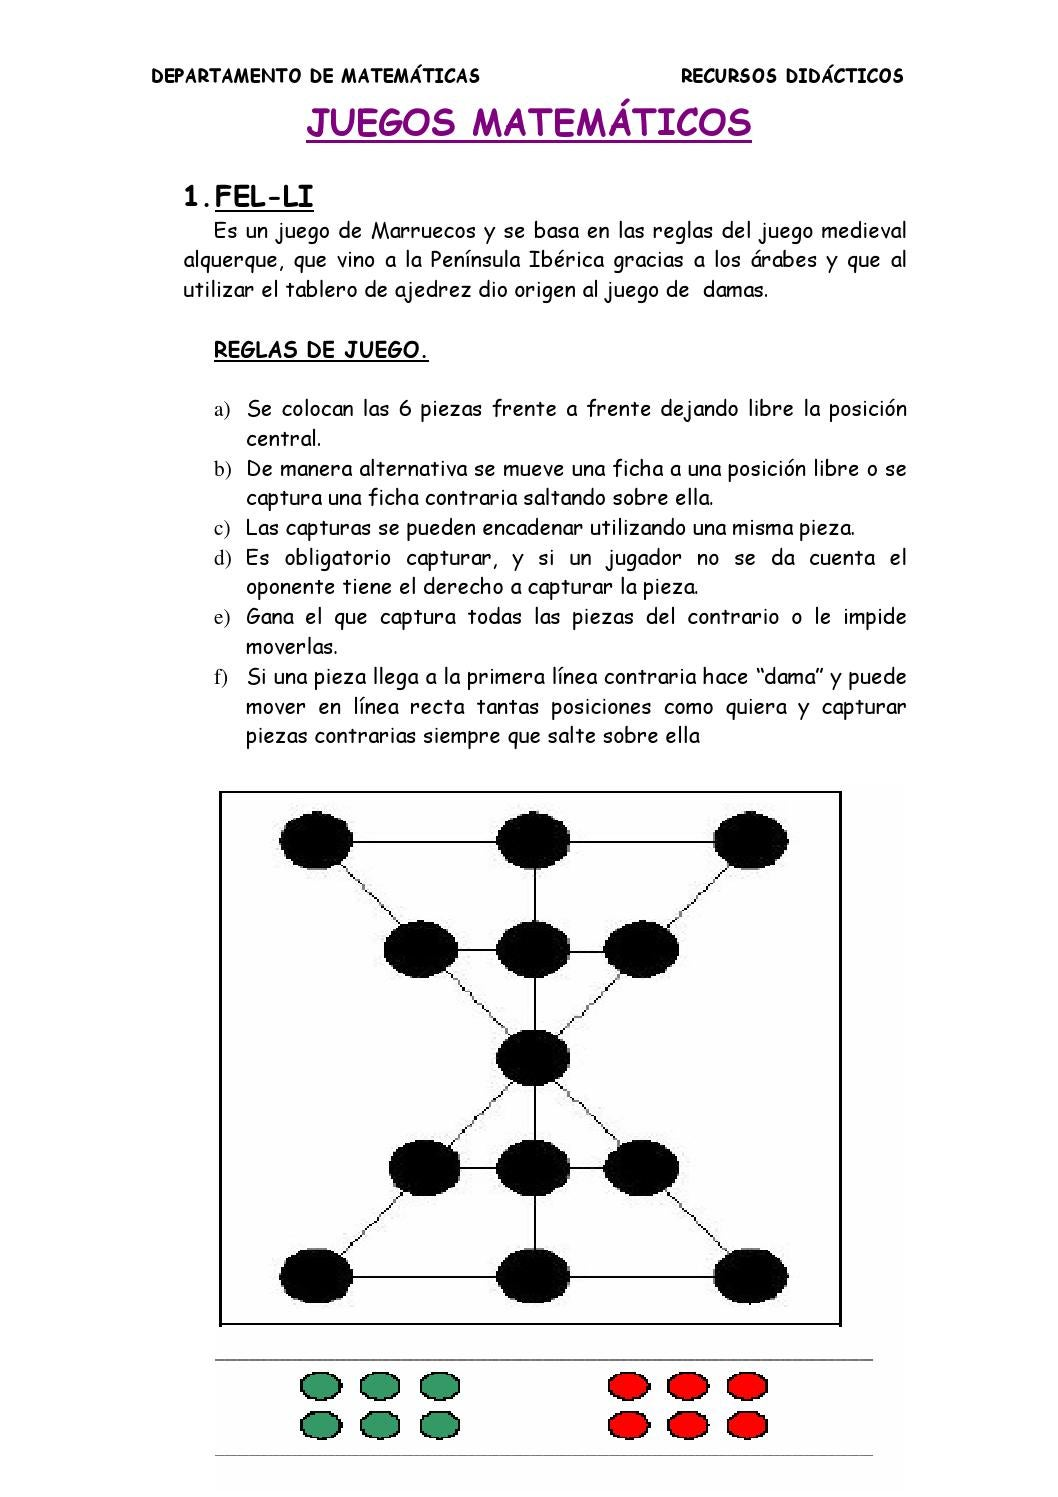 Juegos matemáticos by JULIA AGUILAR - issuu